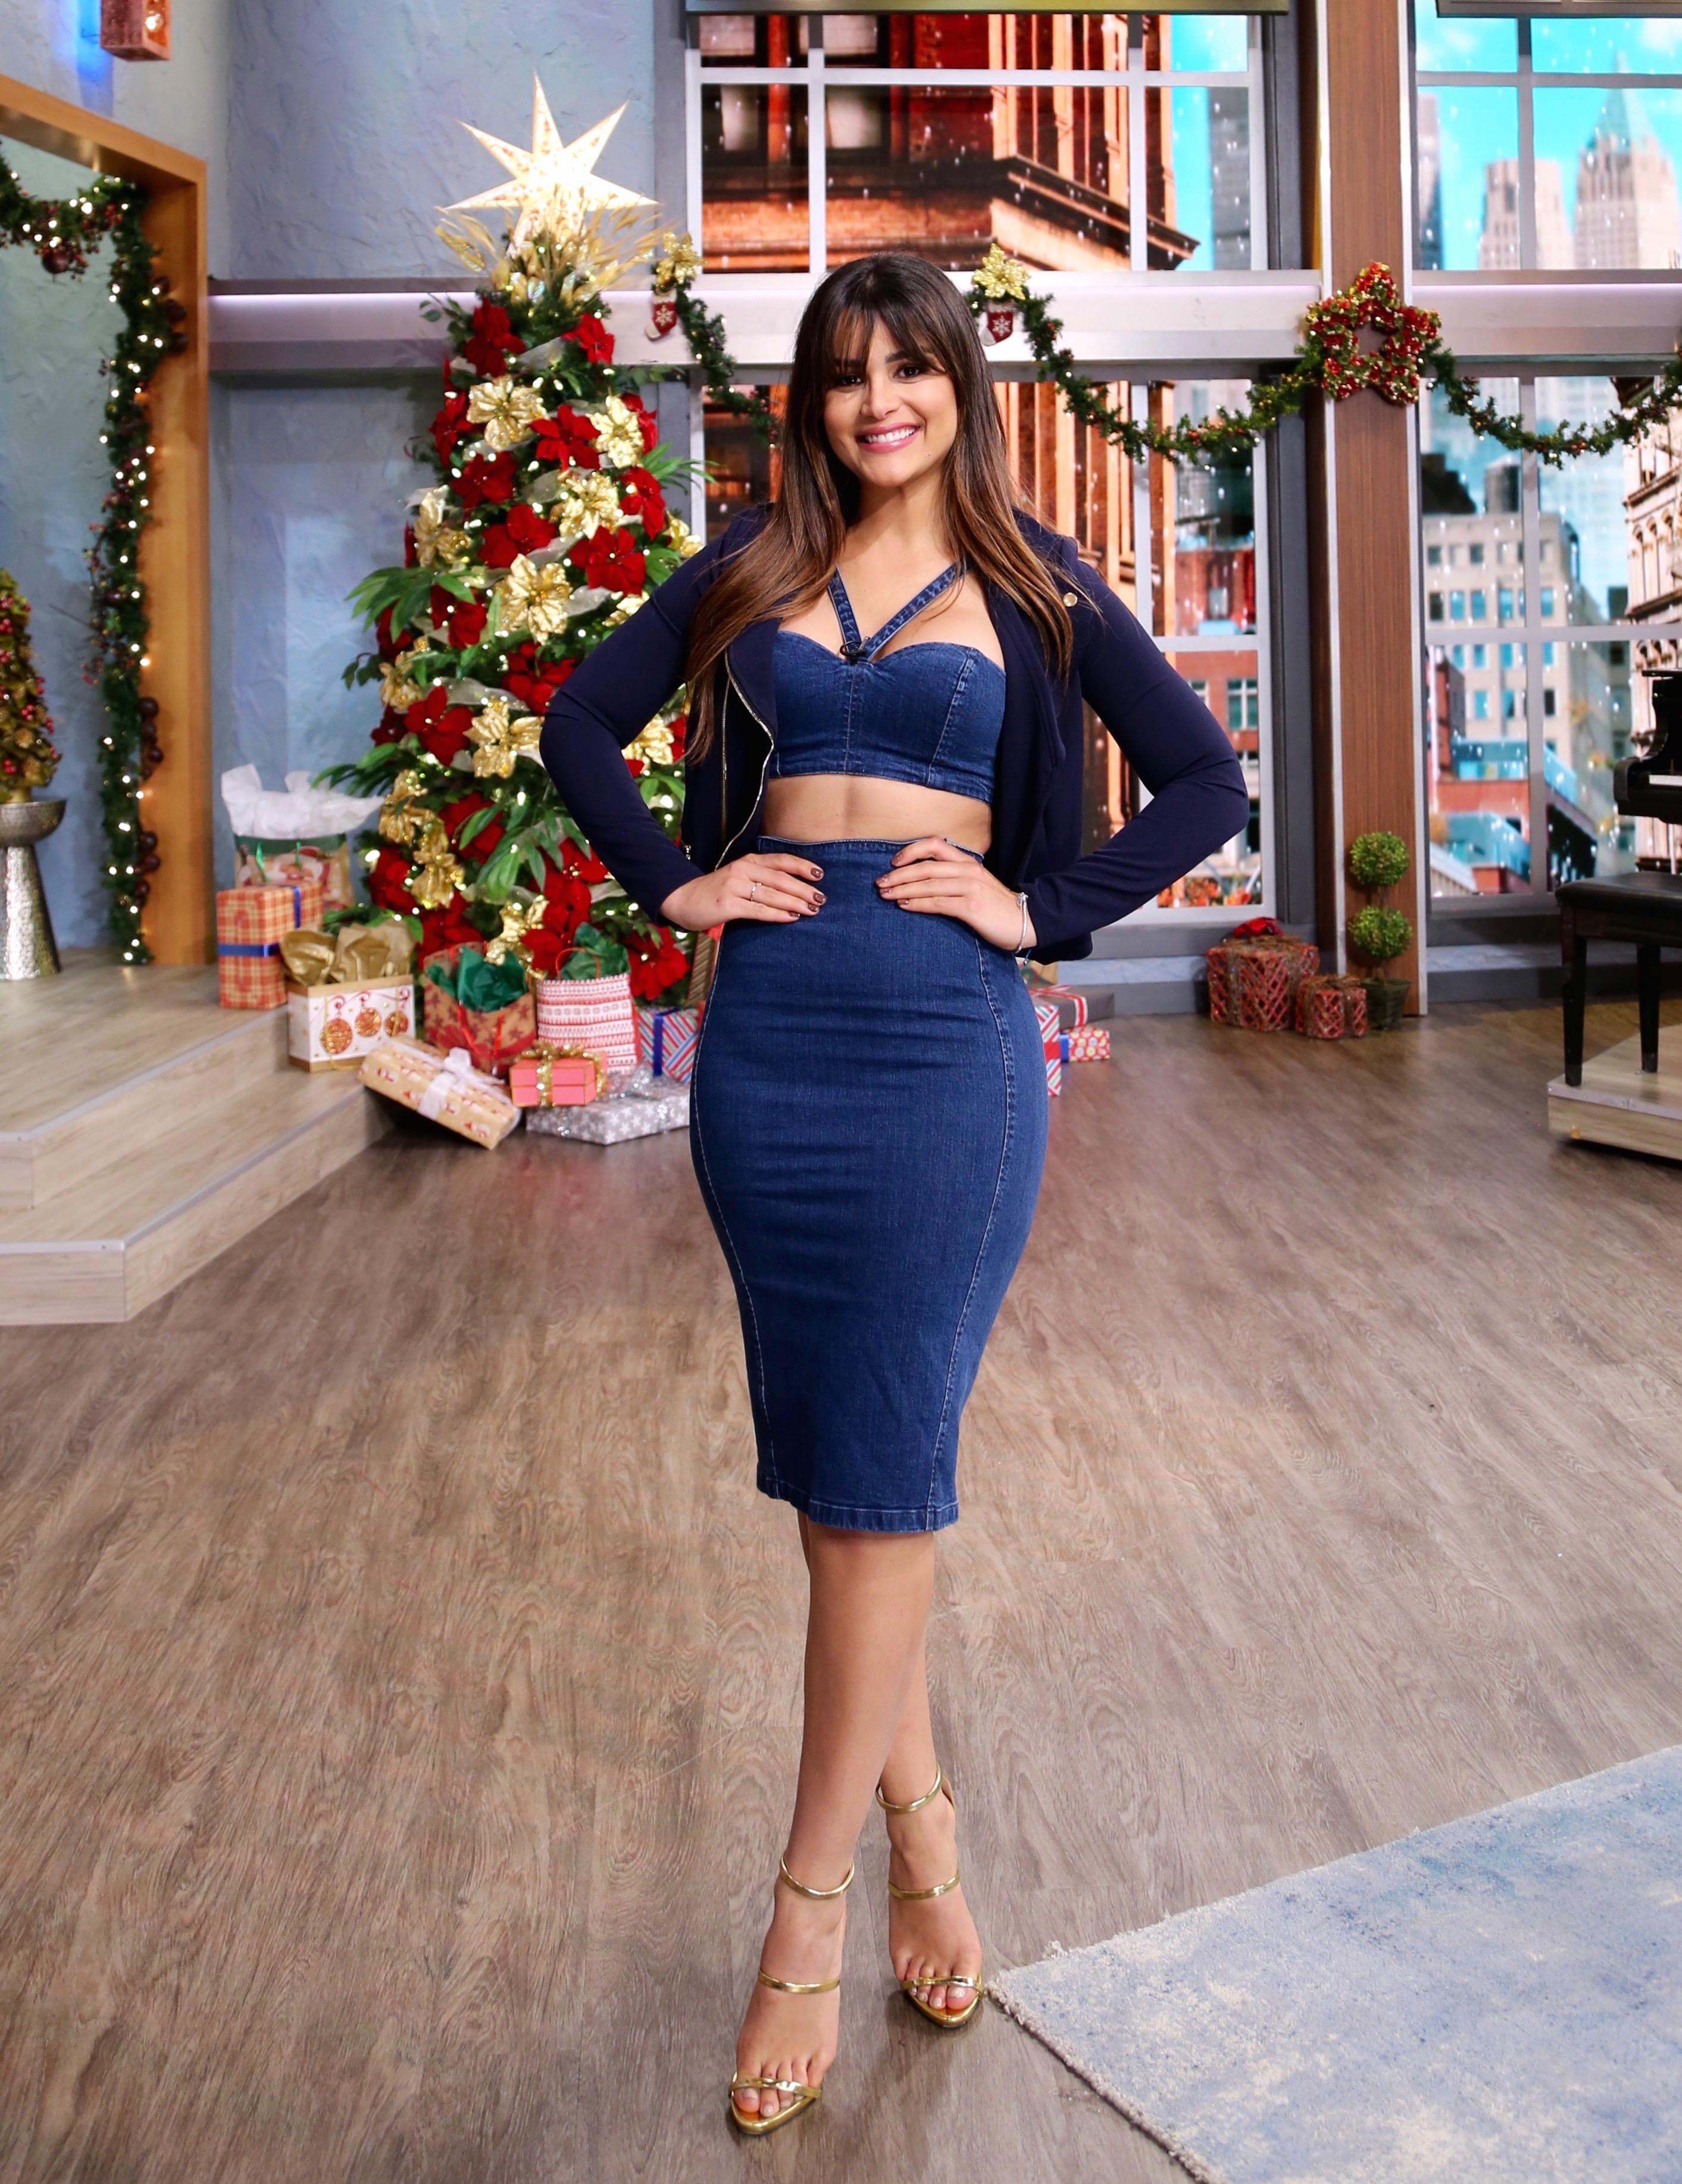 Clarissa Molina, estilo, famosas